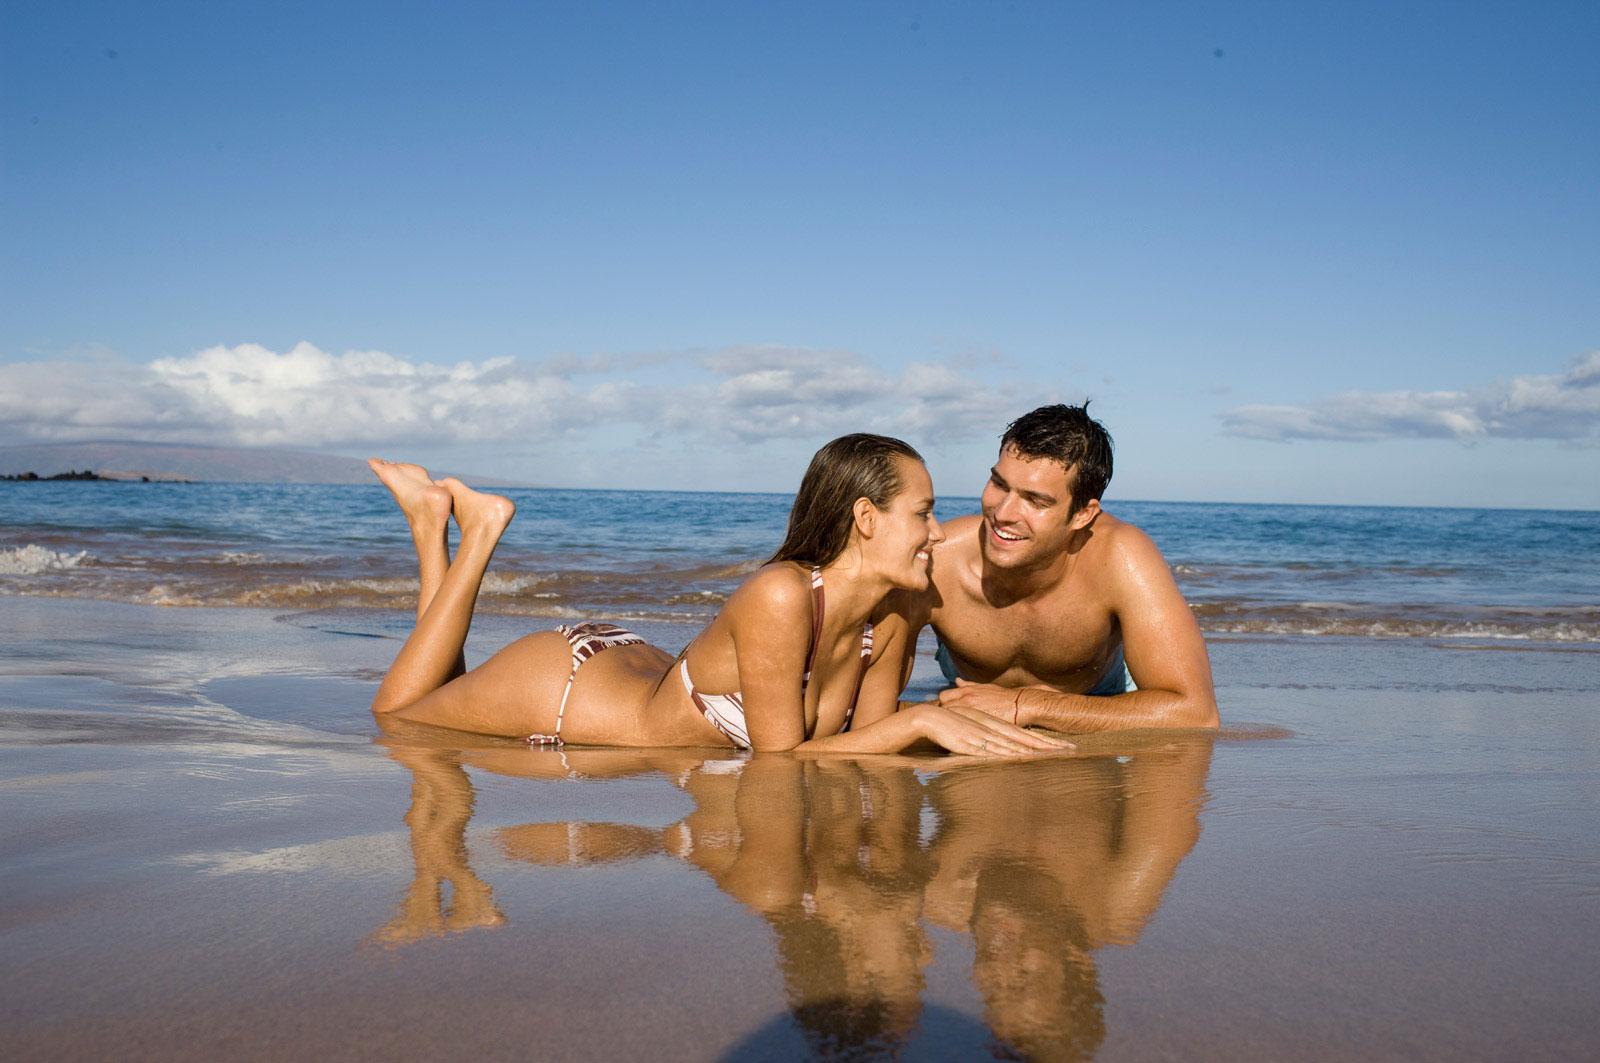 Топ 10 лучших пляжей для нудистов в Греции  Русские Афины